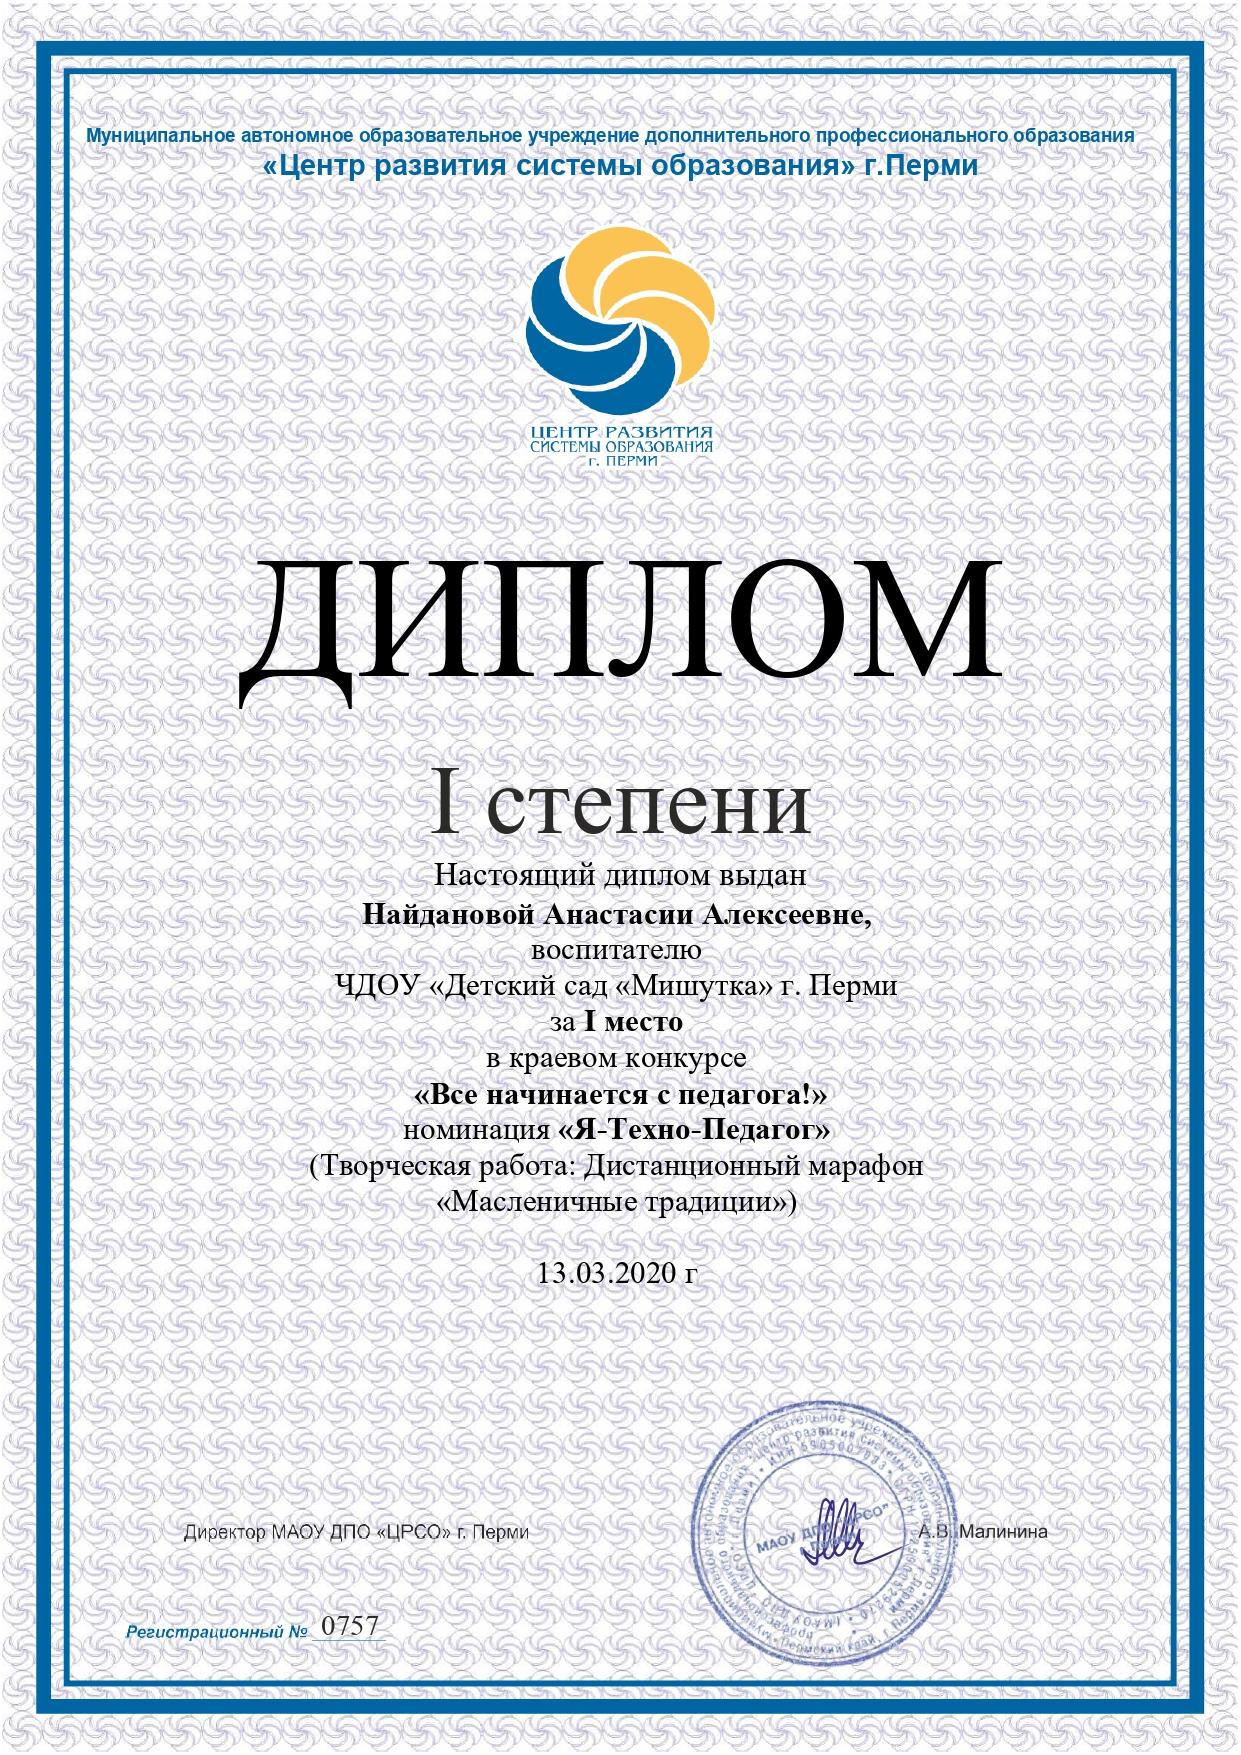 Диплом Найдановой Анастасии Алексеевне_p